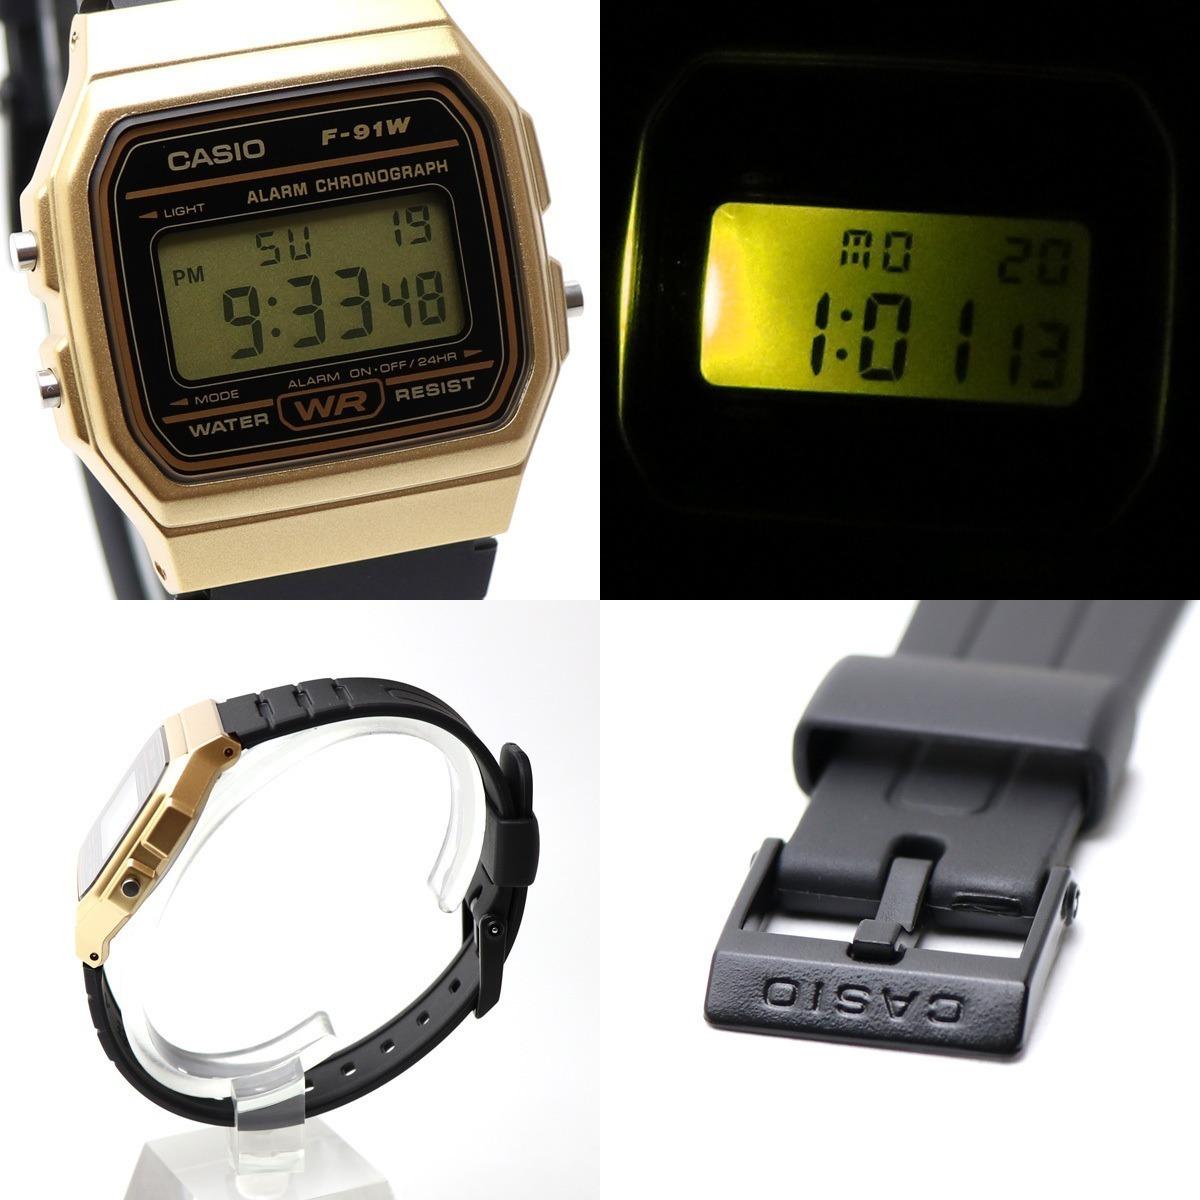 300ad63866ae reloj casio f91 original dorado retro vintage alarma luz. Cargando zoom.